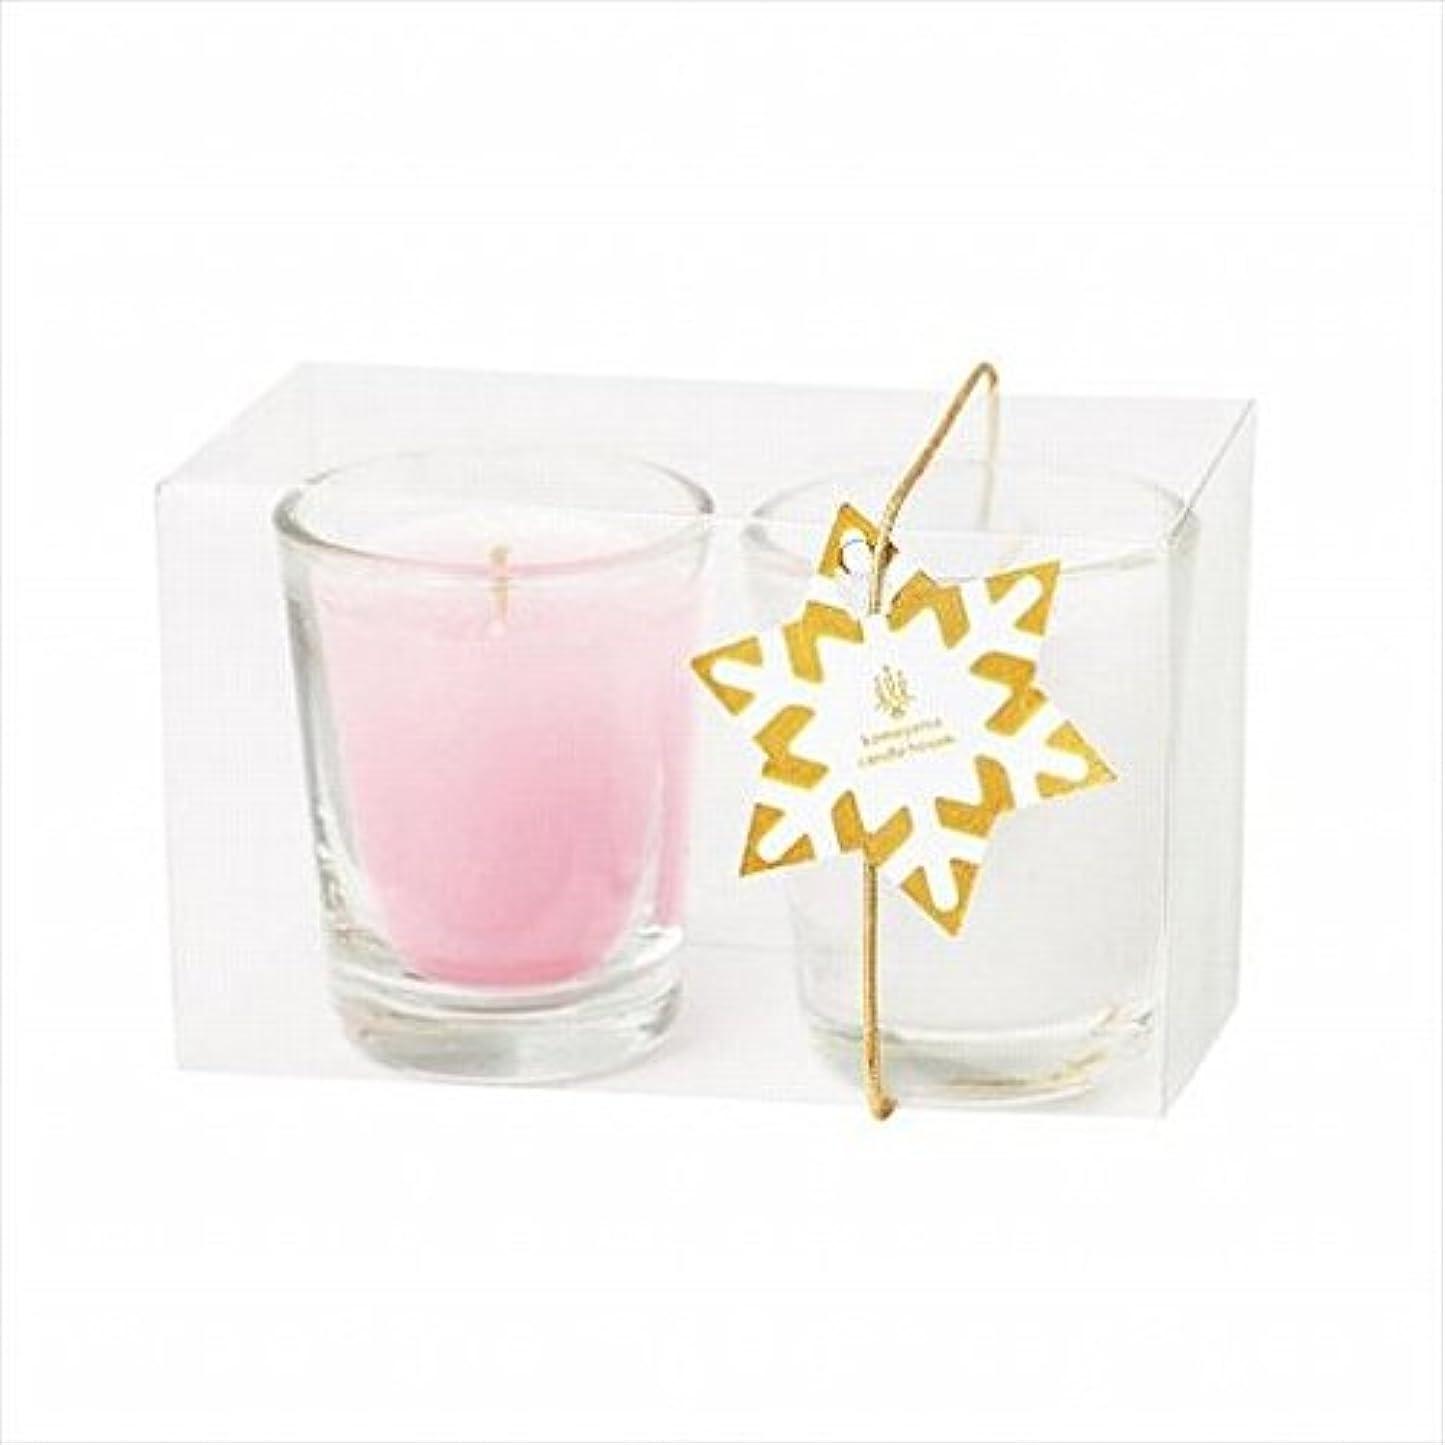 成長治す装置kameyama candle(カメヤマキャンドル) ミニライト2個入り 「 ホワイト&ピンク 」(A9570020)